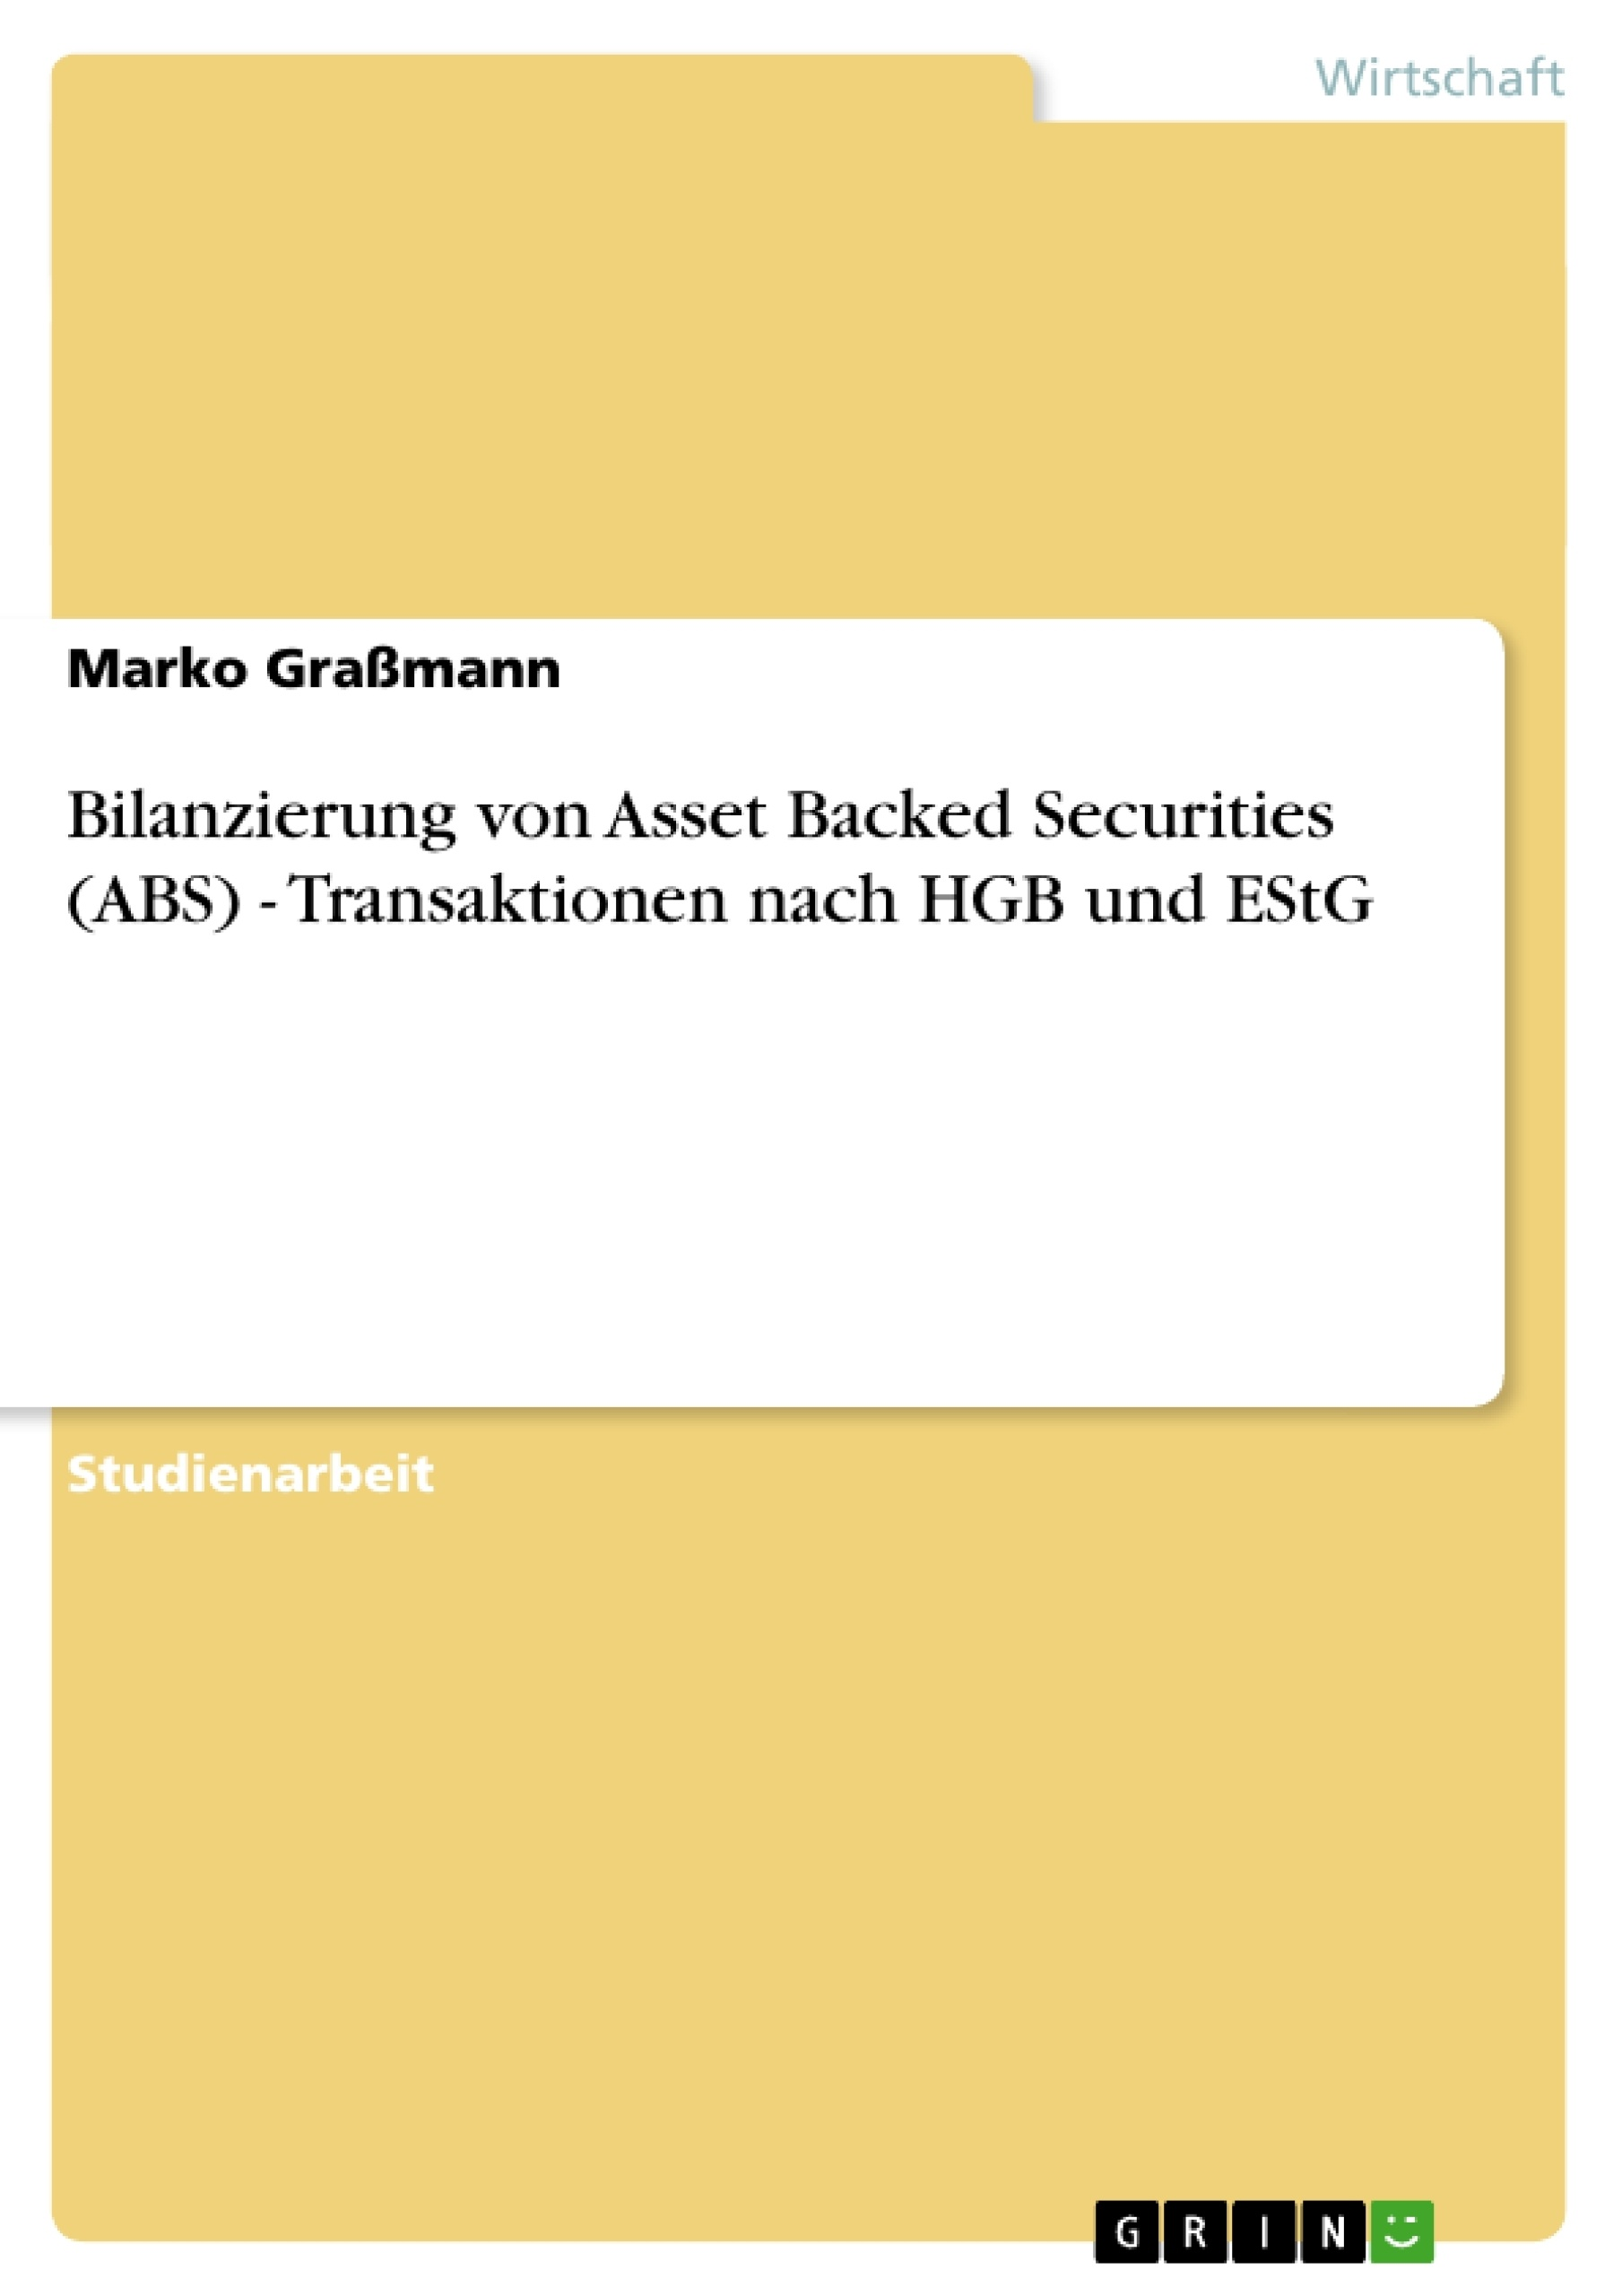 Titel: Bilanzierung von Asset Backed Securities (ABS) - Transaktionen nach HGB und EStG